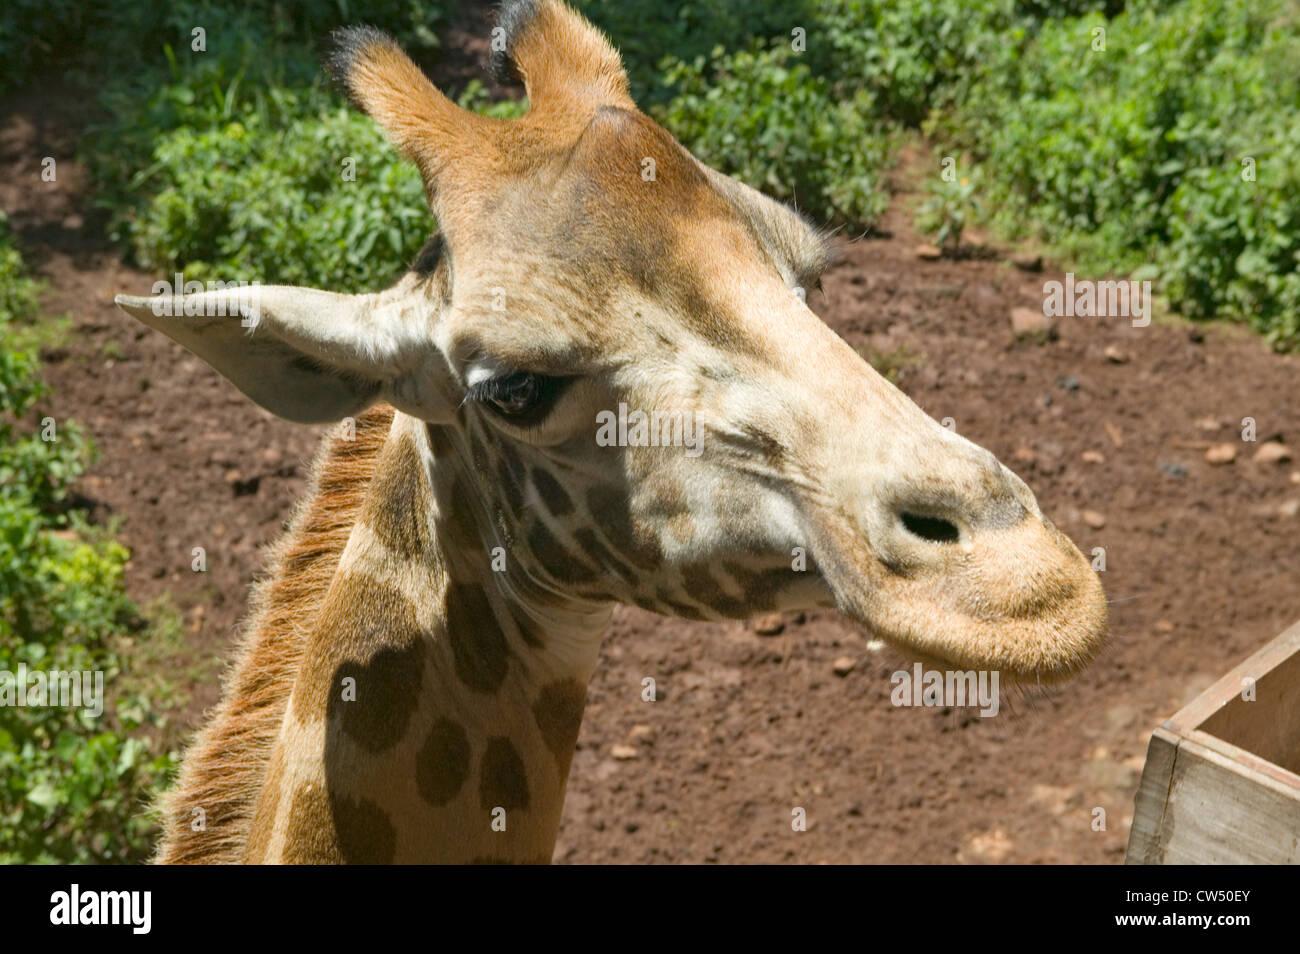 Cerca de la cabeza de la jirafa Rothschild Fondo Africano de fauna silvestre en peligro de extinción Giraffe Center cerca de Parque Nacional Nairobi Nairobi Kenya Foto de stock